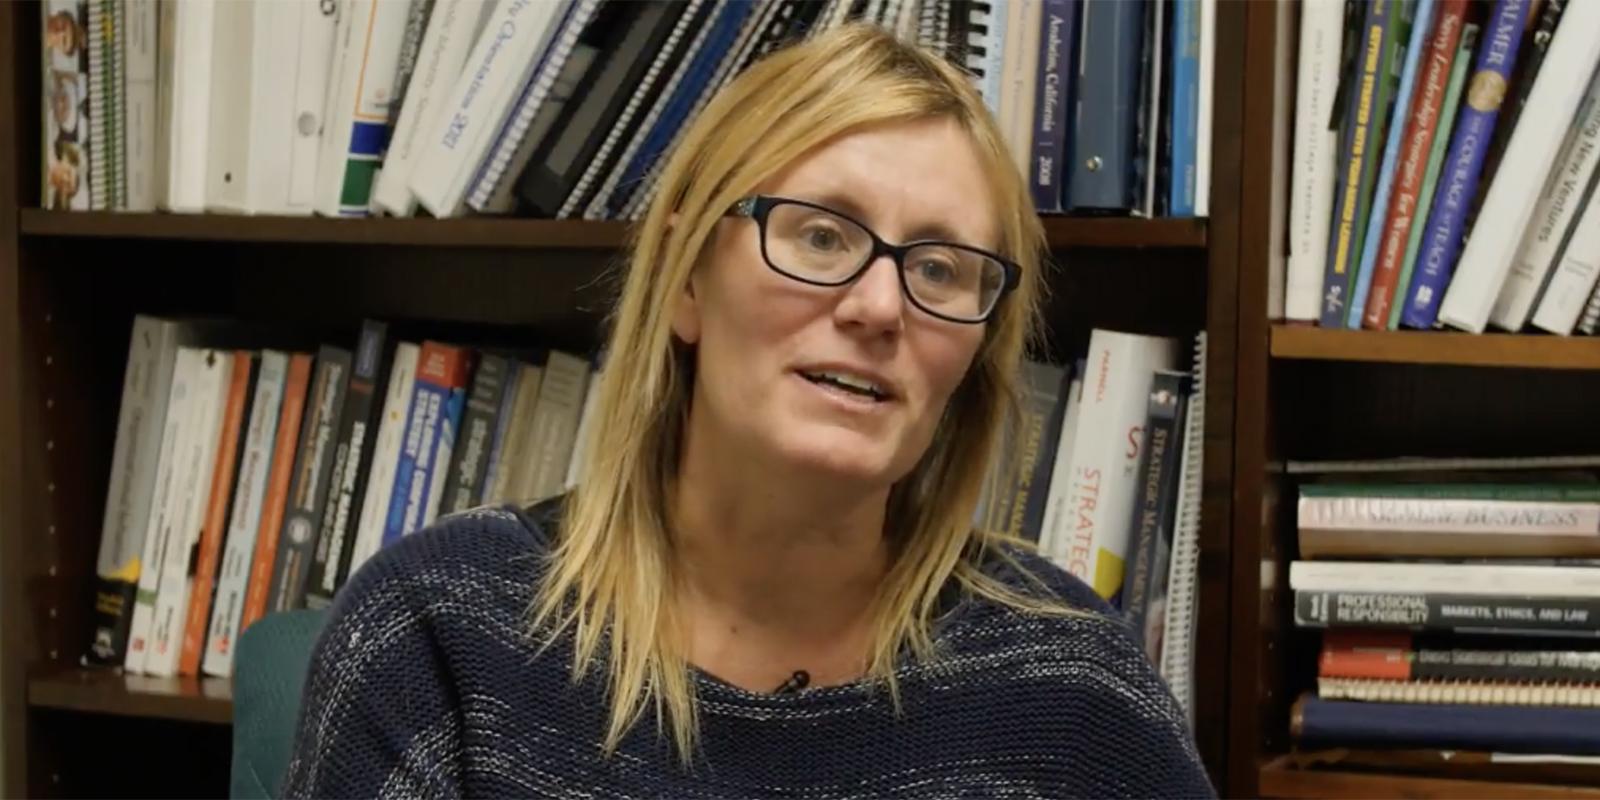 USD professor Moriah Meyskens, PhD